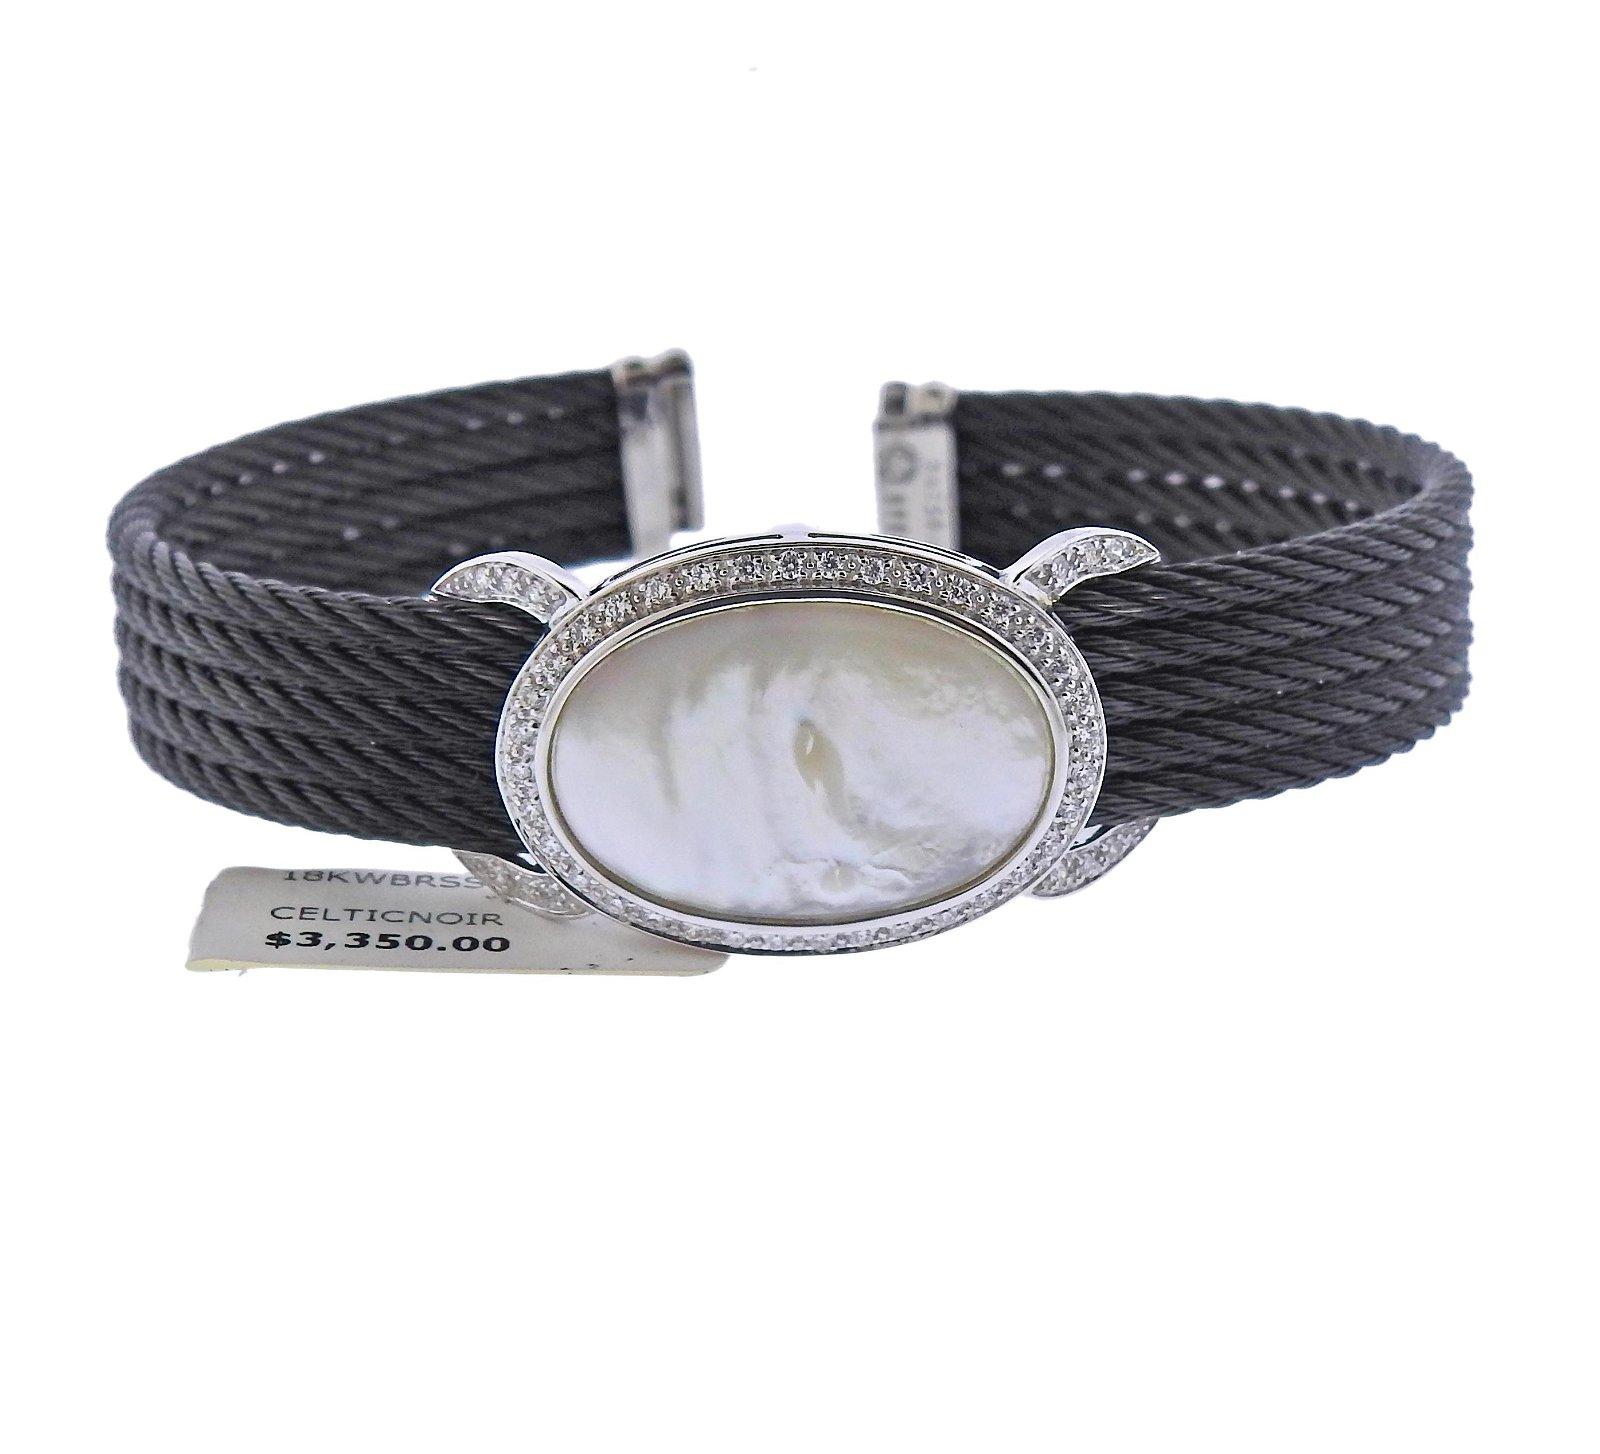 Charriol 18k Gold Steel MOP Diamond Bracelet